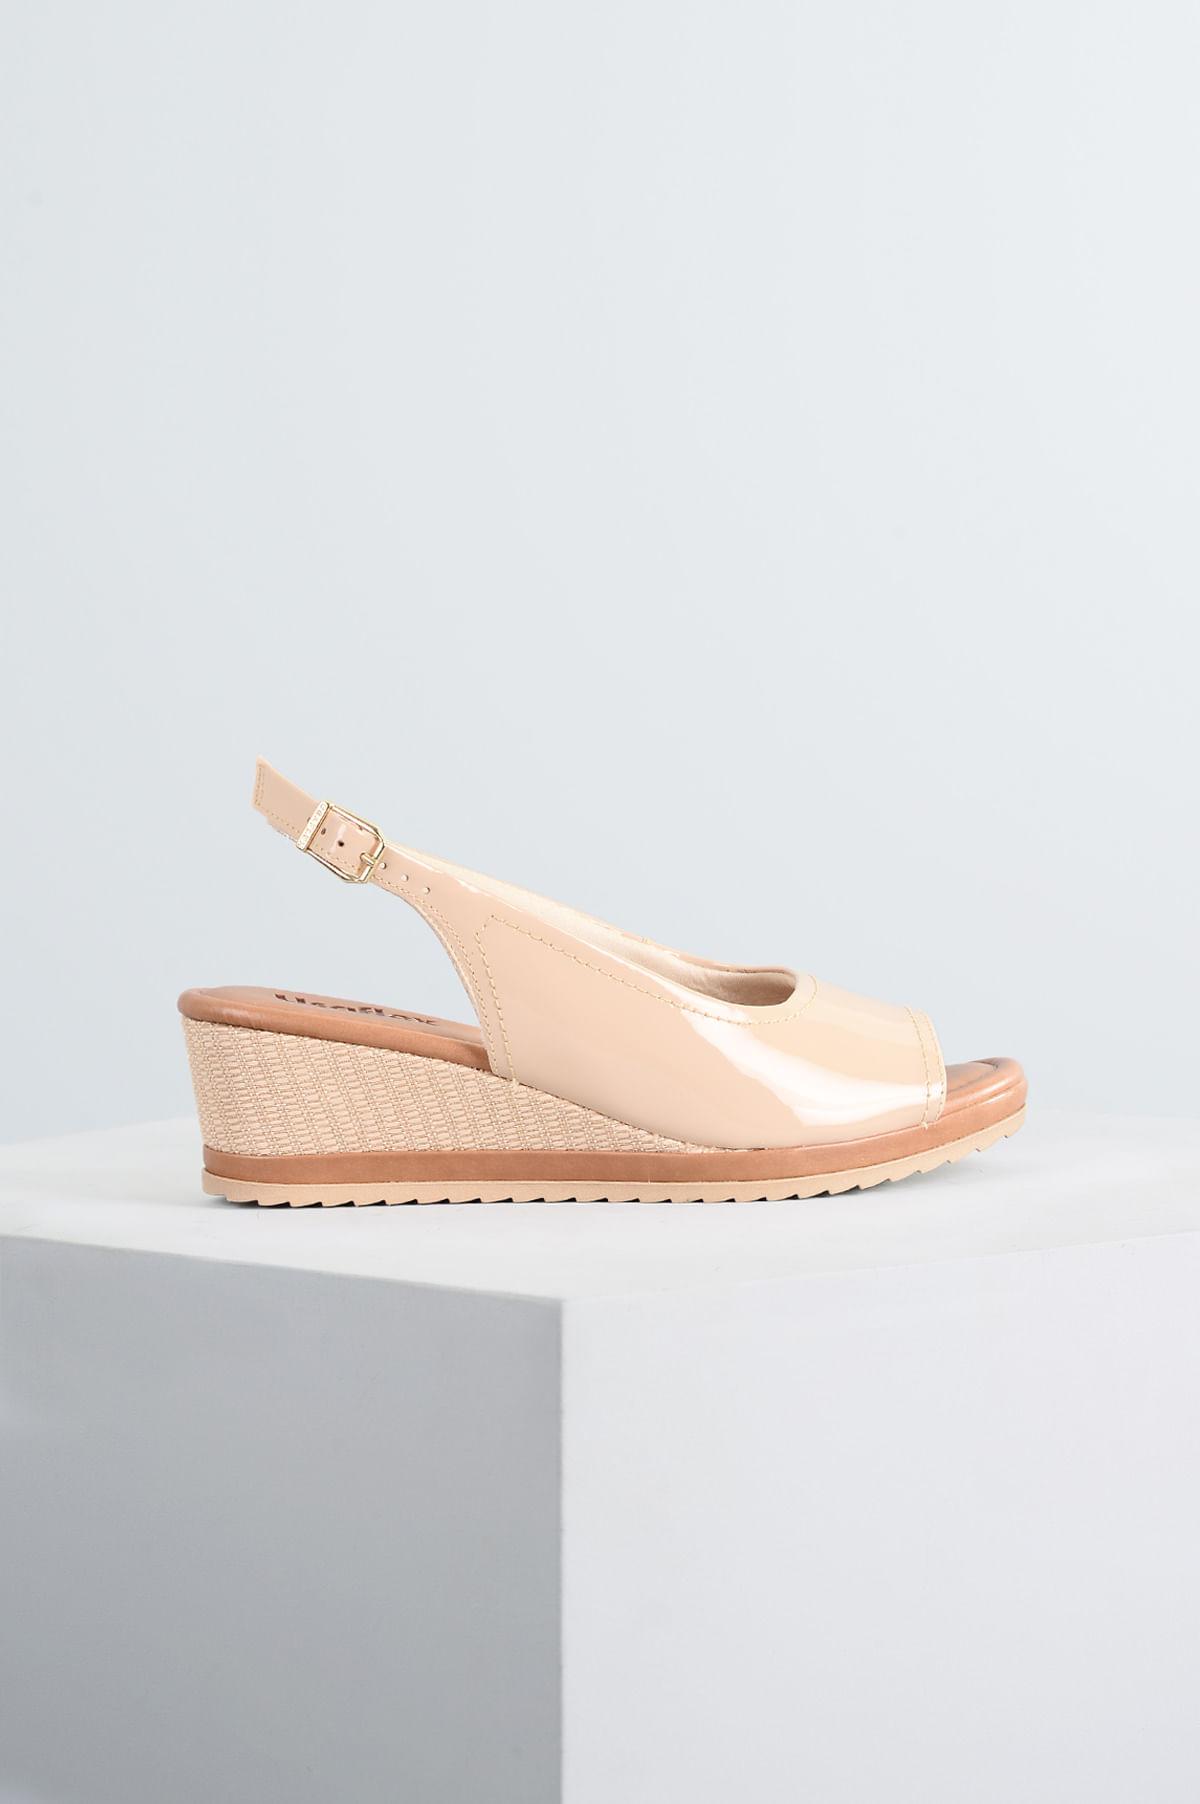 238df73a0 Sandália Feminina Anabela Yone Usaflex VERNIZ - NUDE - Mundial Calçados